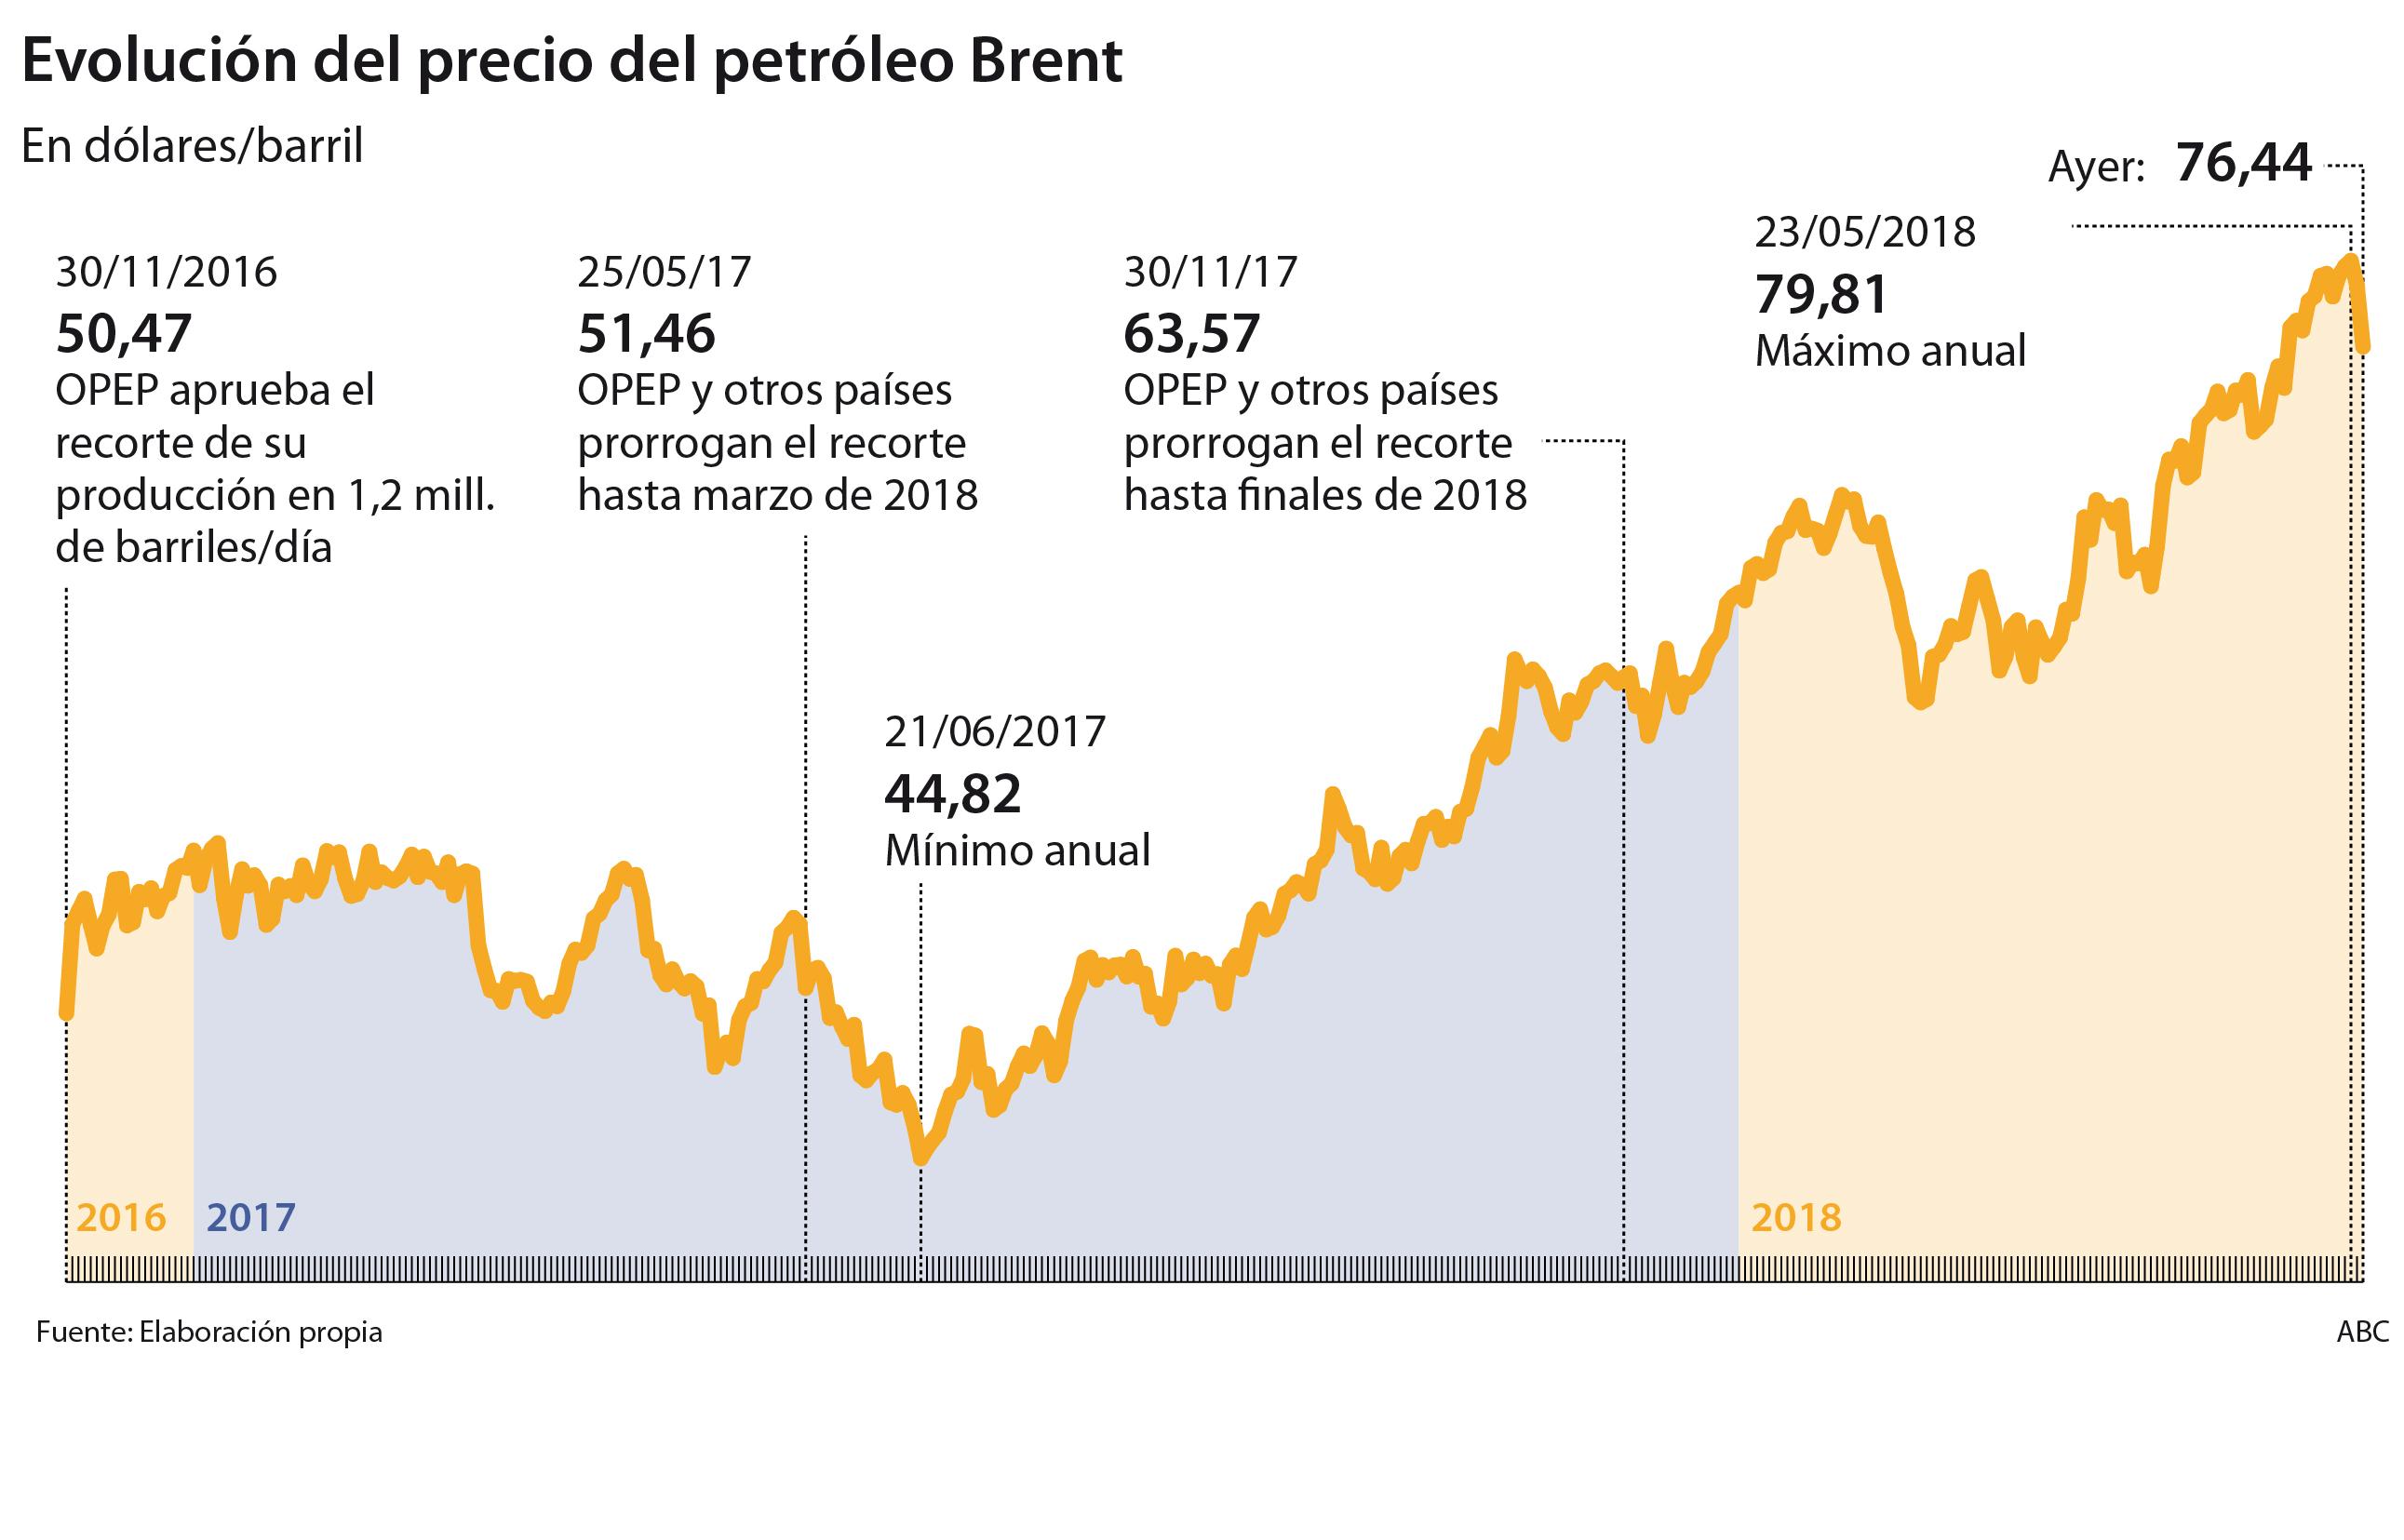 Resultado de imagen para El petróleo Brent se acerca a los 50 dólares por barril por primera vez desde julio del 2017